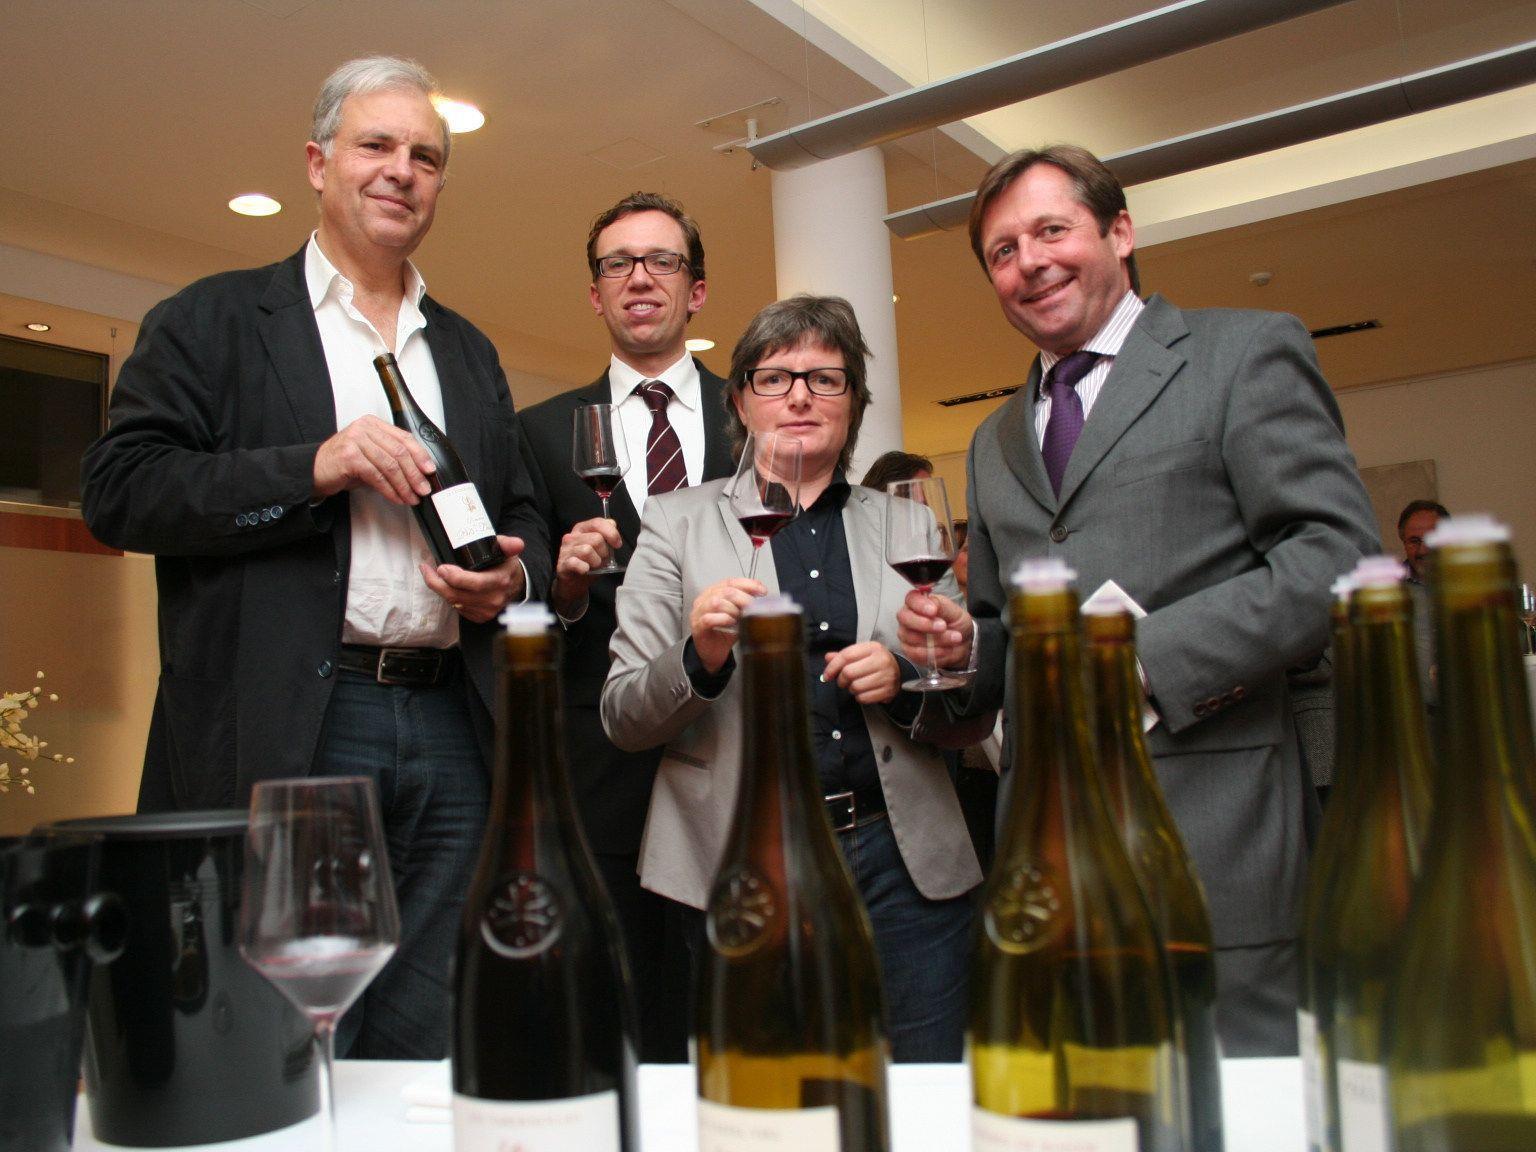 Denis Feigel, Dir .Peter Scherbaum, Irmgard Bickel und Dir. Peter Jenewein.